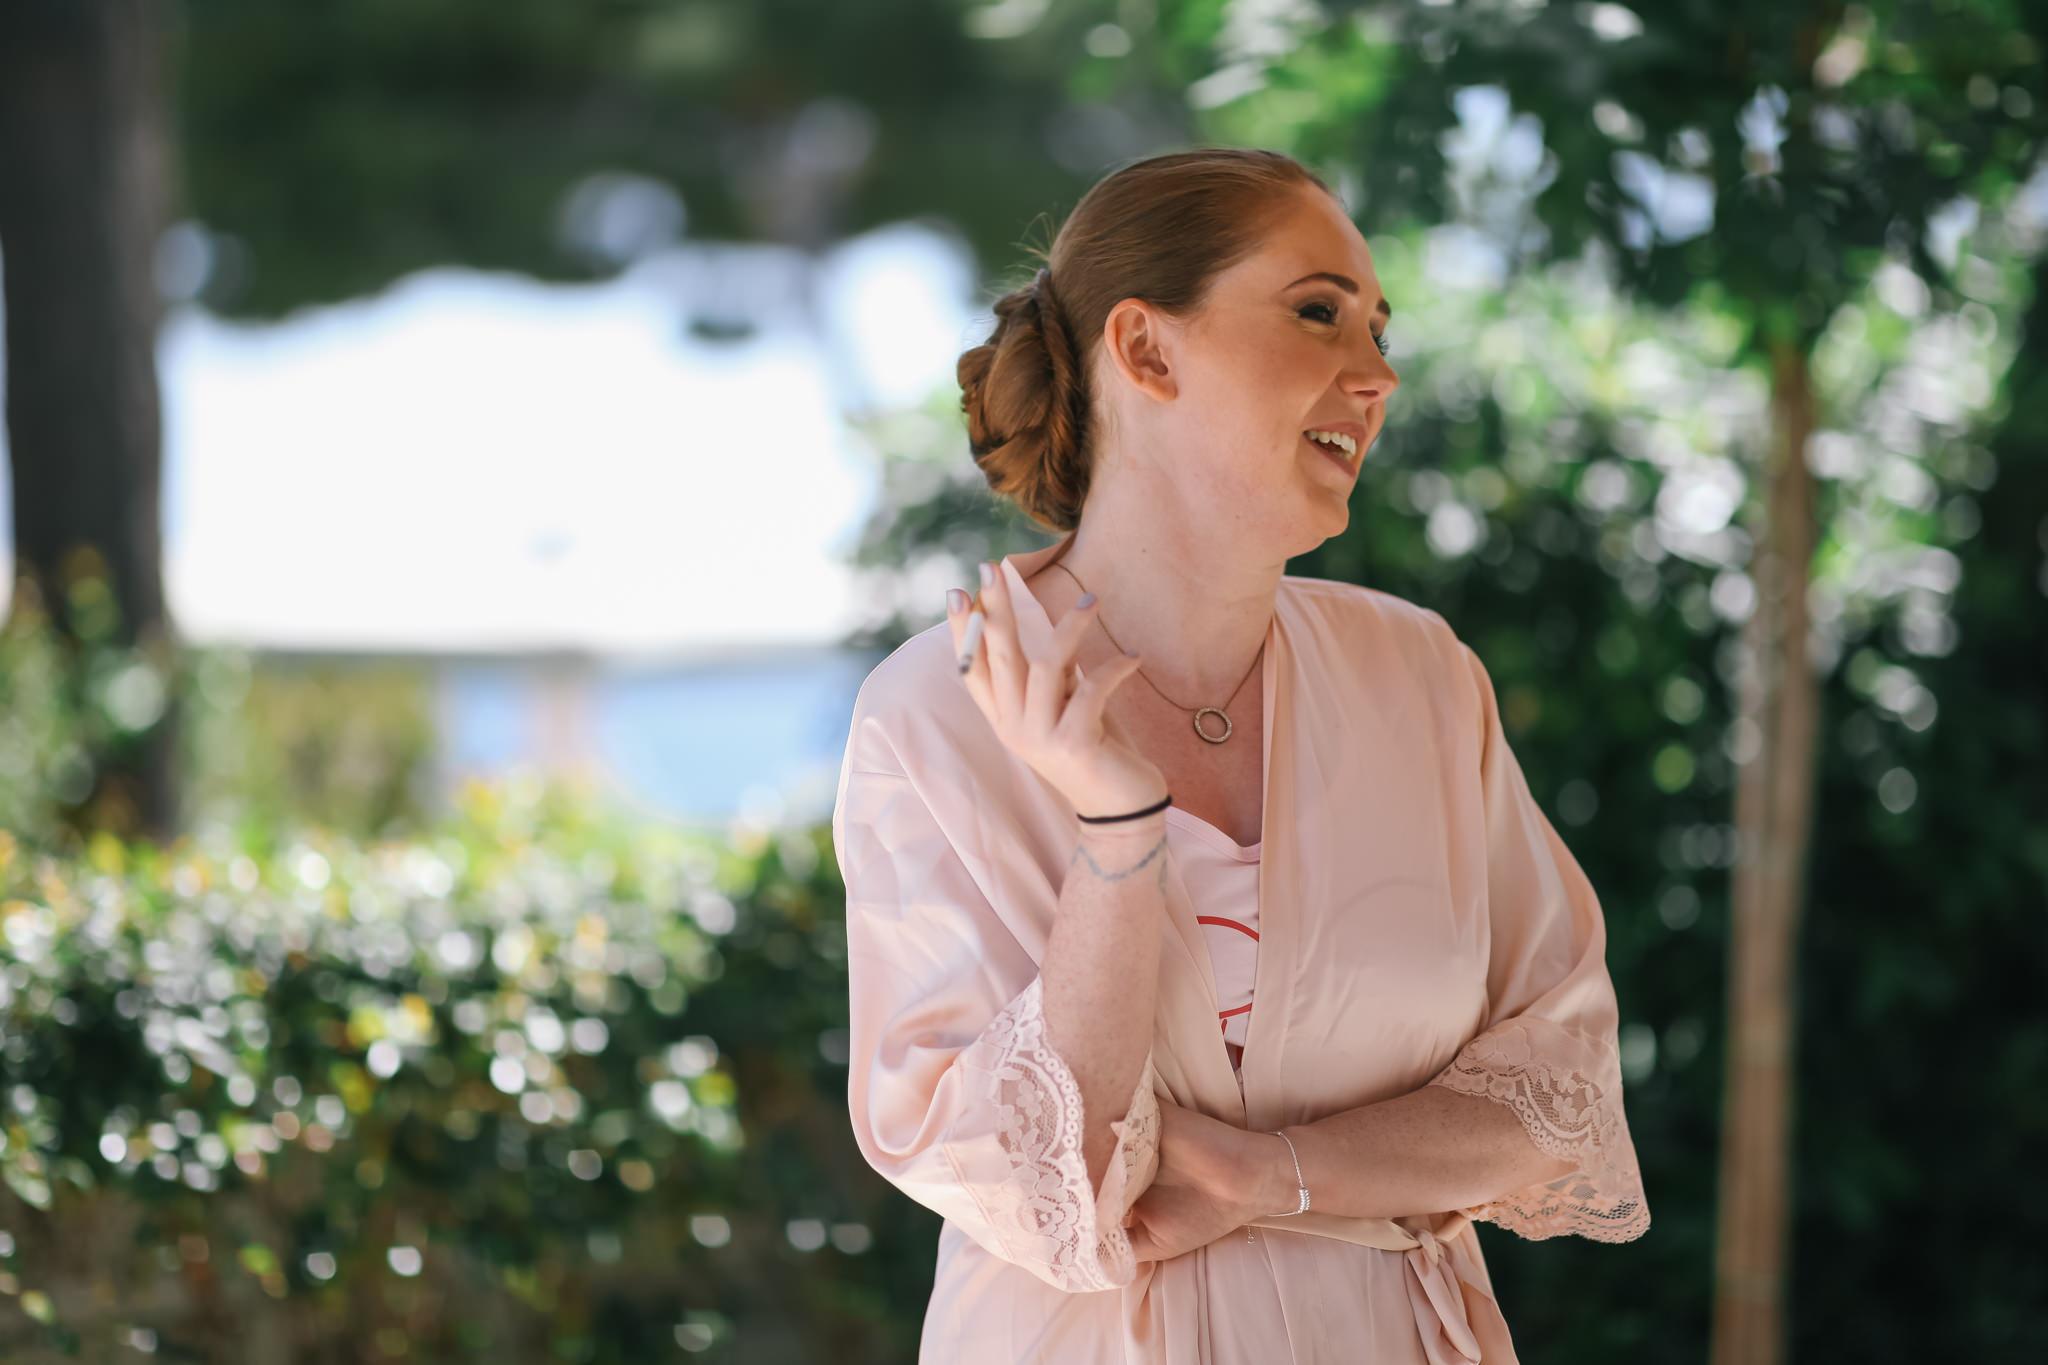 010-2019-04-27-Wedding-Michelle-e-Callum-85mm-083